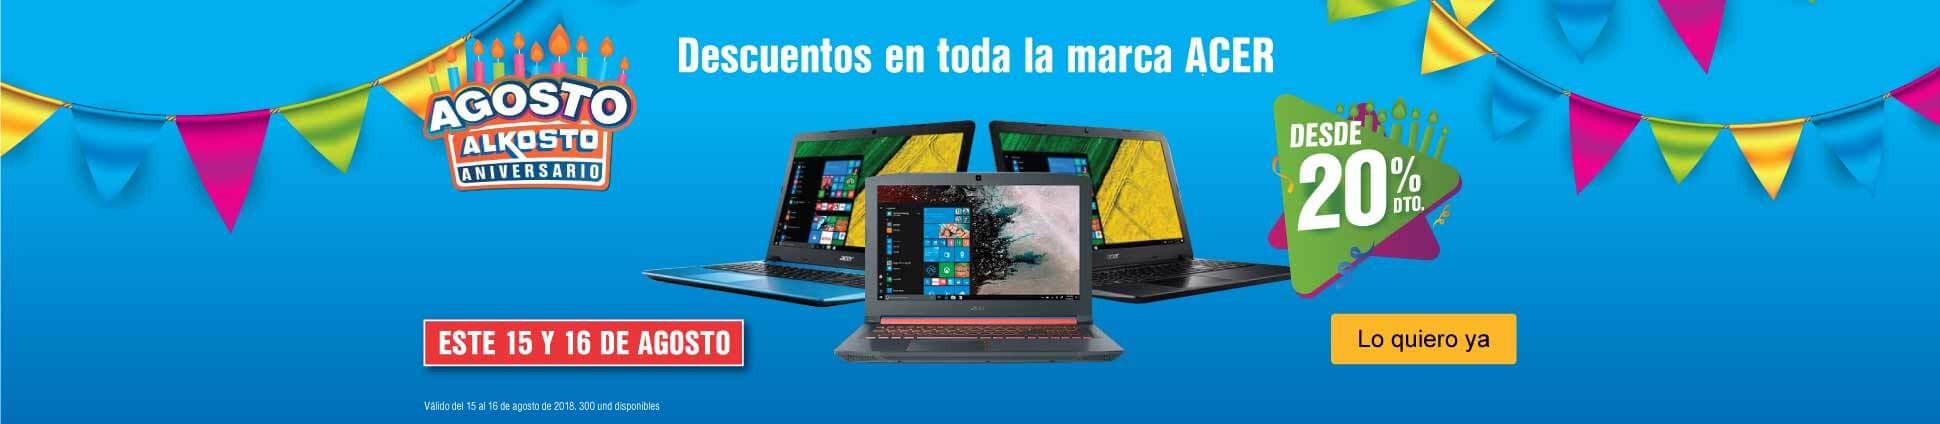 AK-PPAL-2-computadores y tablets-DCAT---Acer-Desde 20% Dto. en toda la marca-Ago15